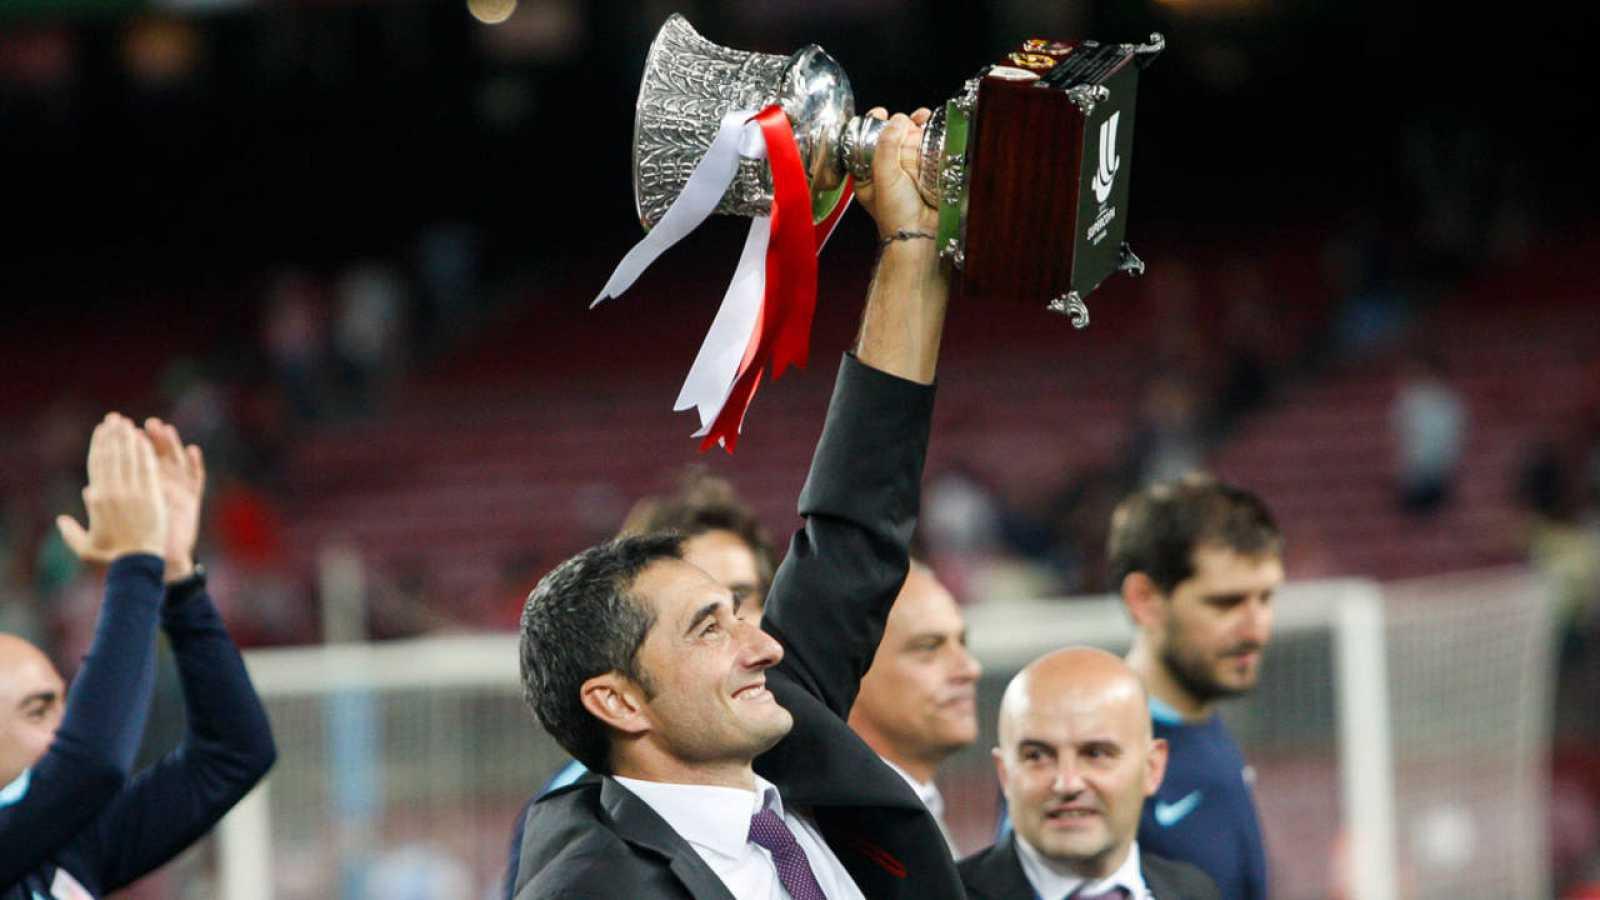 El entrenador del Athletic Club, Ernesto Valverde, levanta la Supercopa de España.